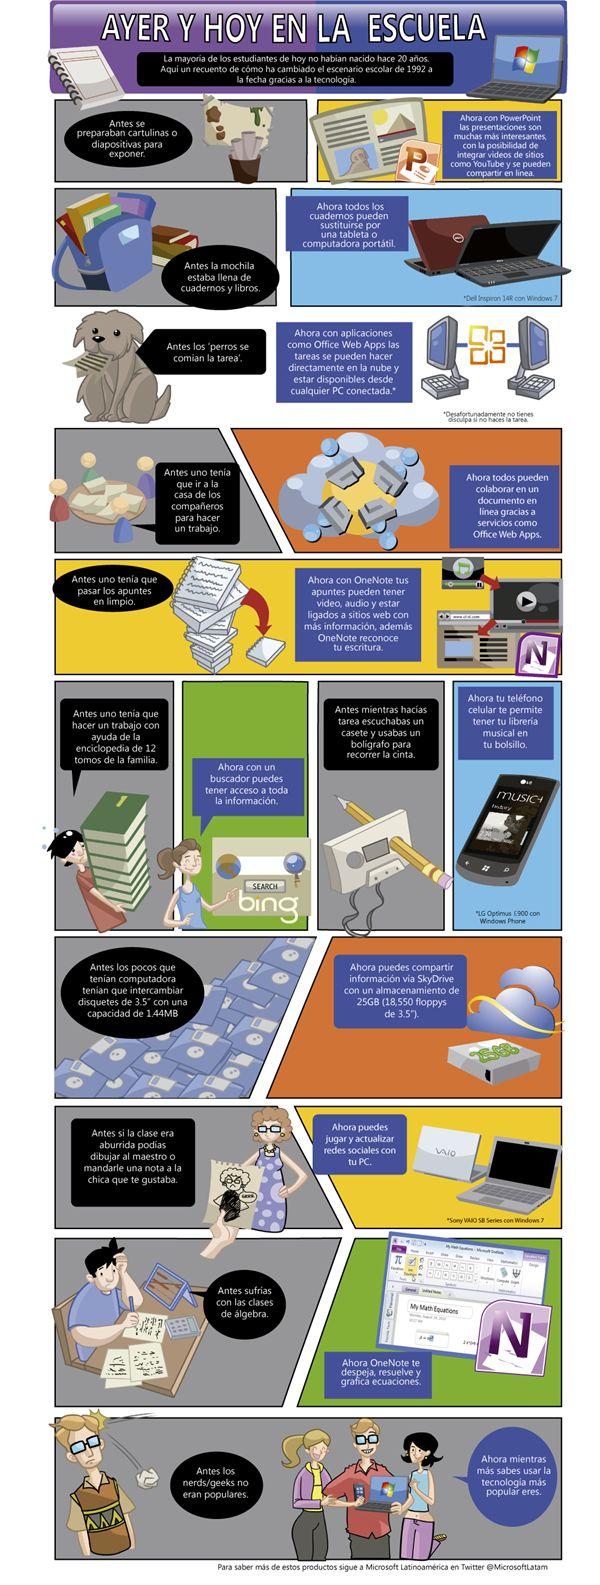 Cómo ha cambiado la educación con la tecnología